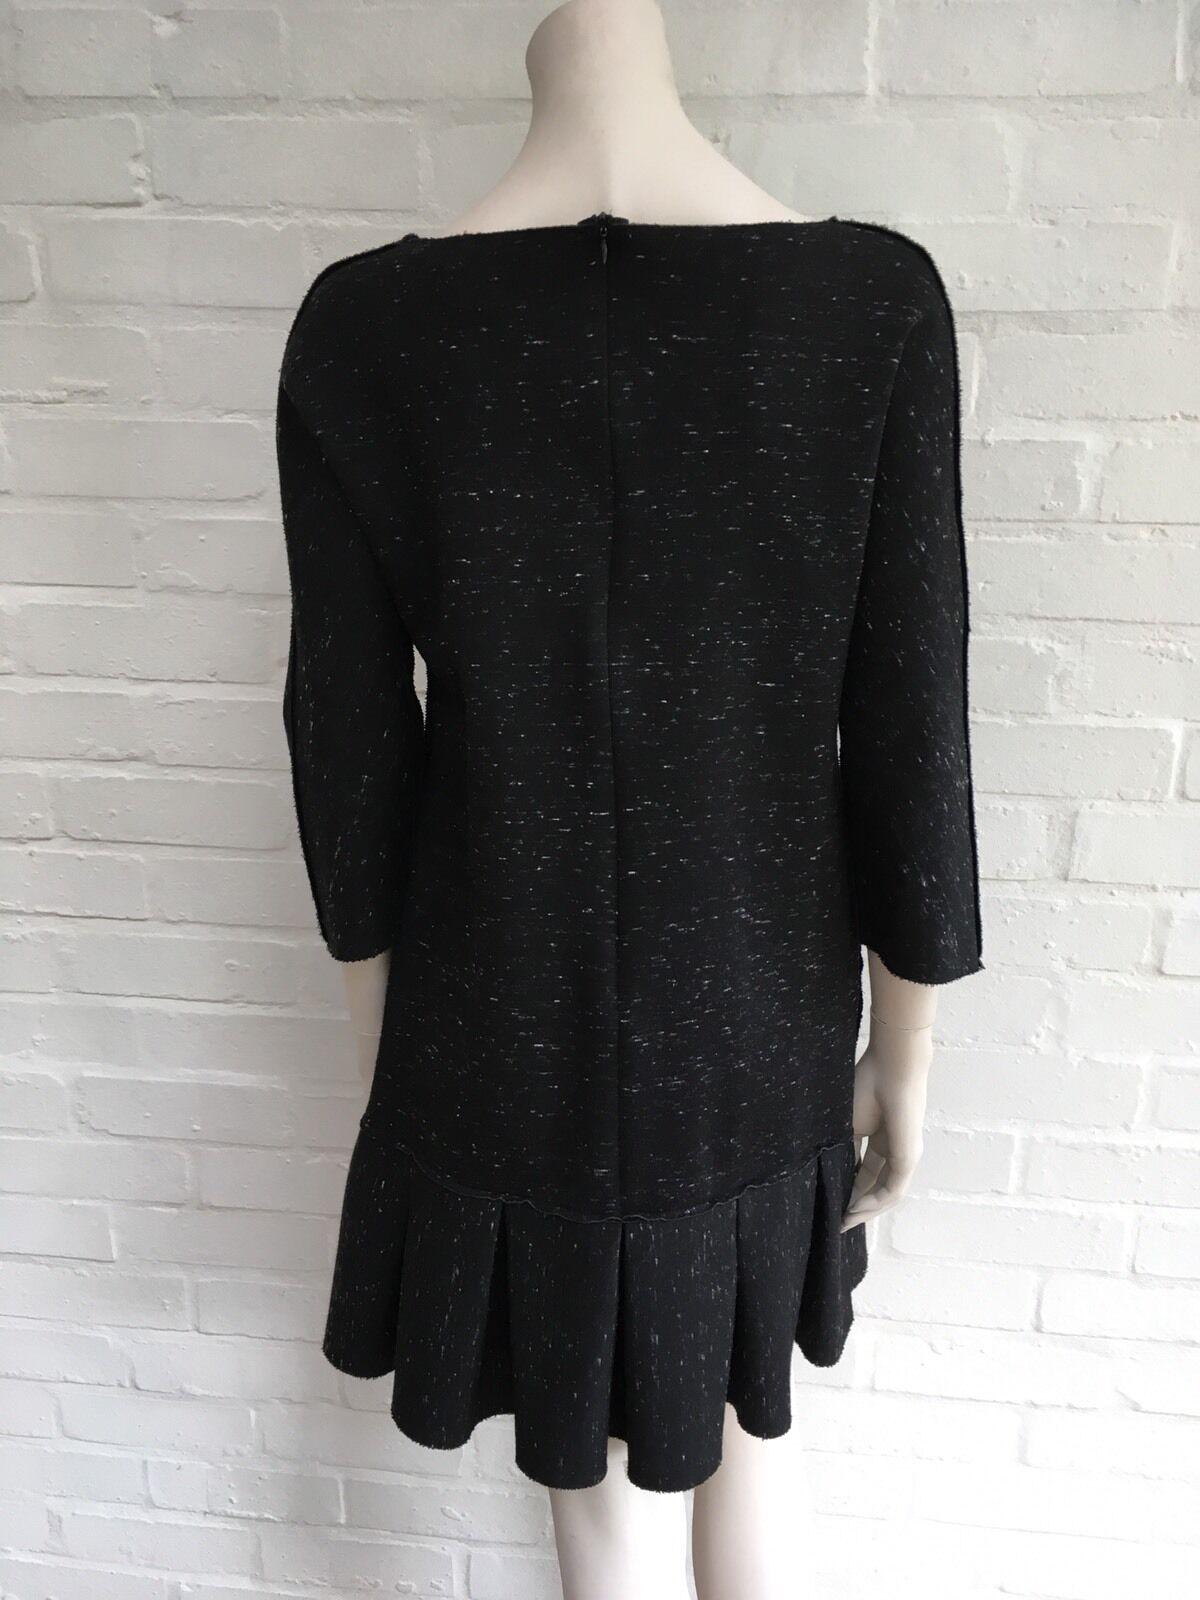 NEW York Grigio Antracite SEA svasata Shift Dress Dress Dress Dimensione US 4 S Small a6749a